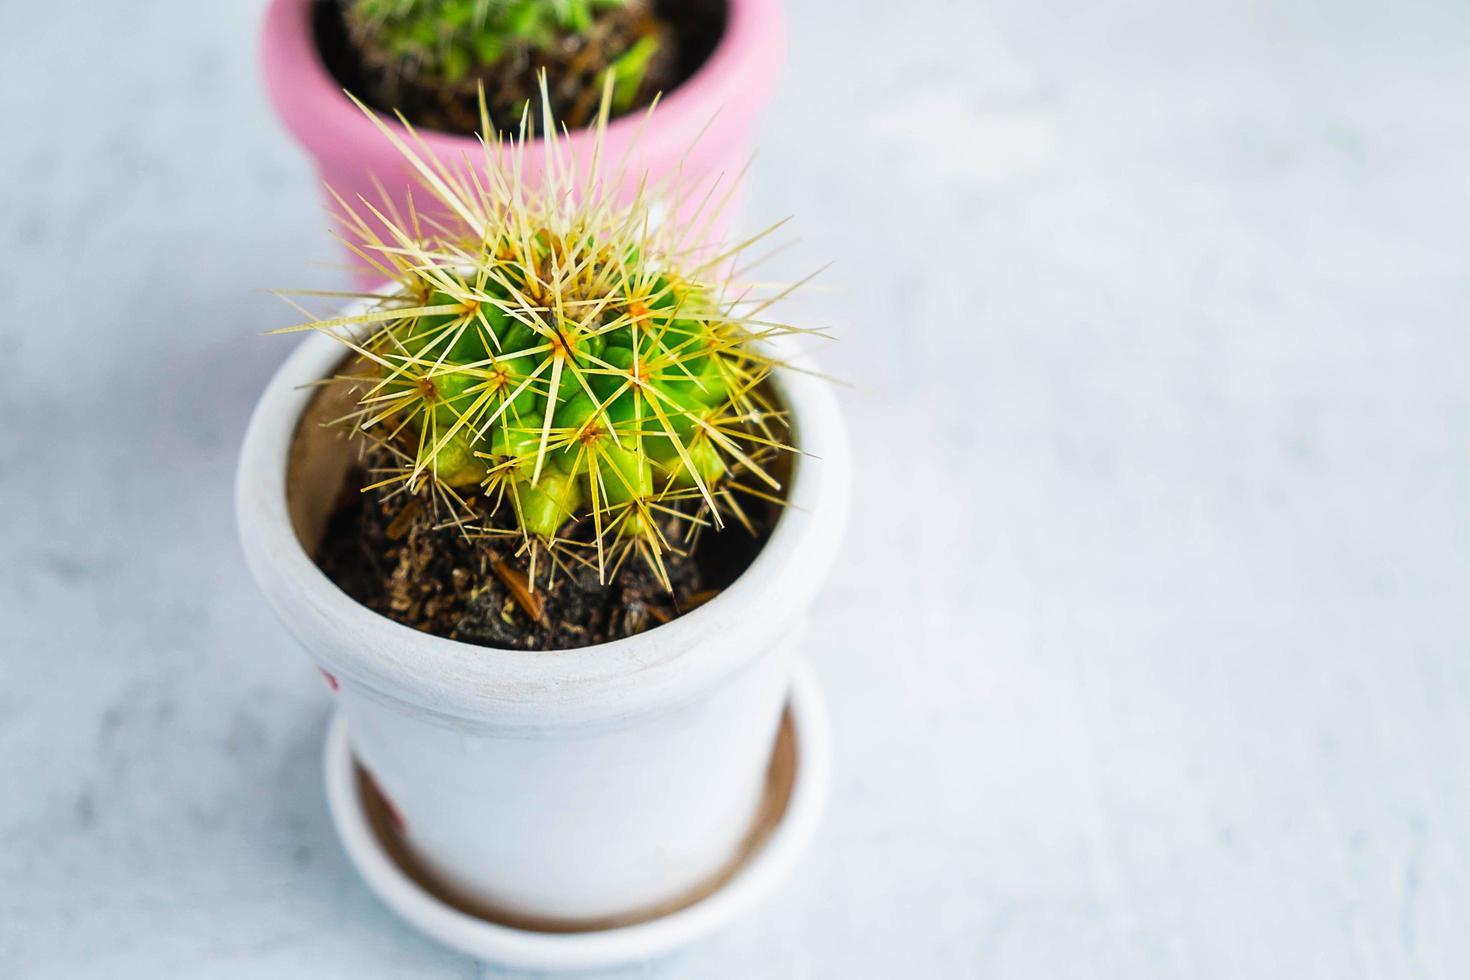 två kaktusväxter i krukor på ett blått träbord foto